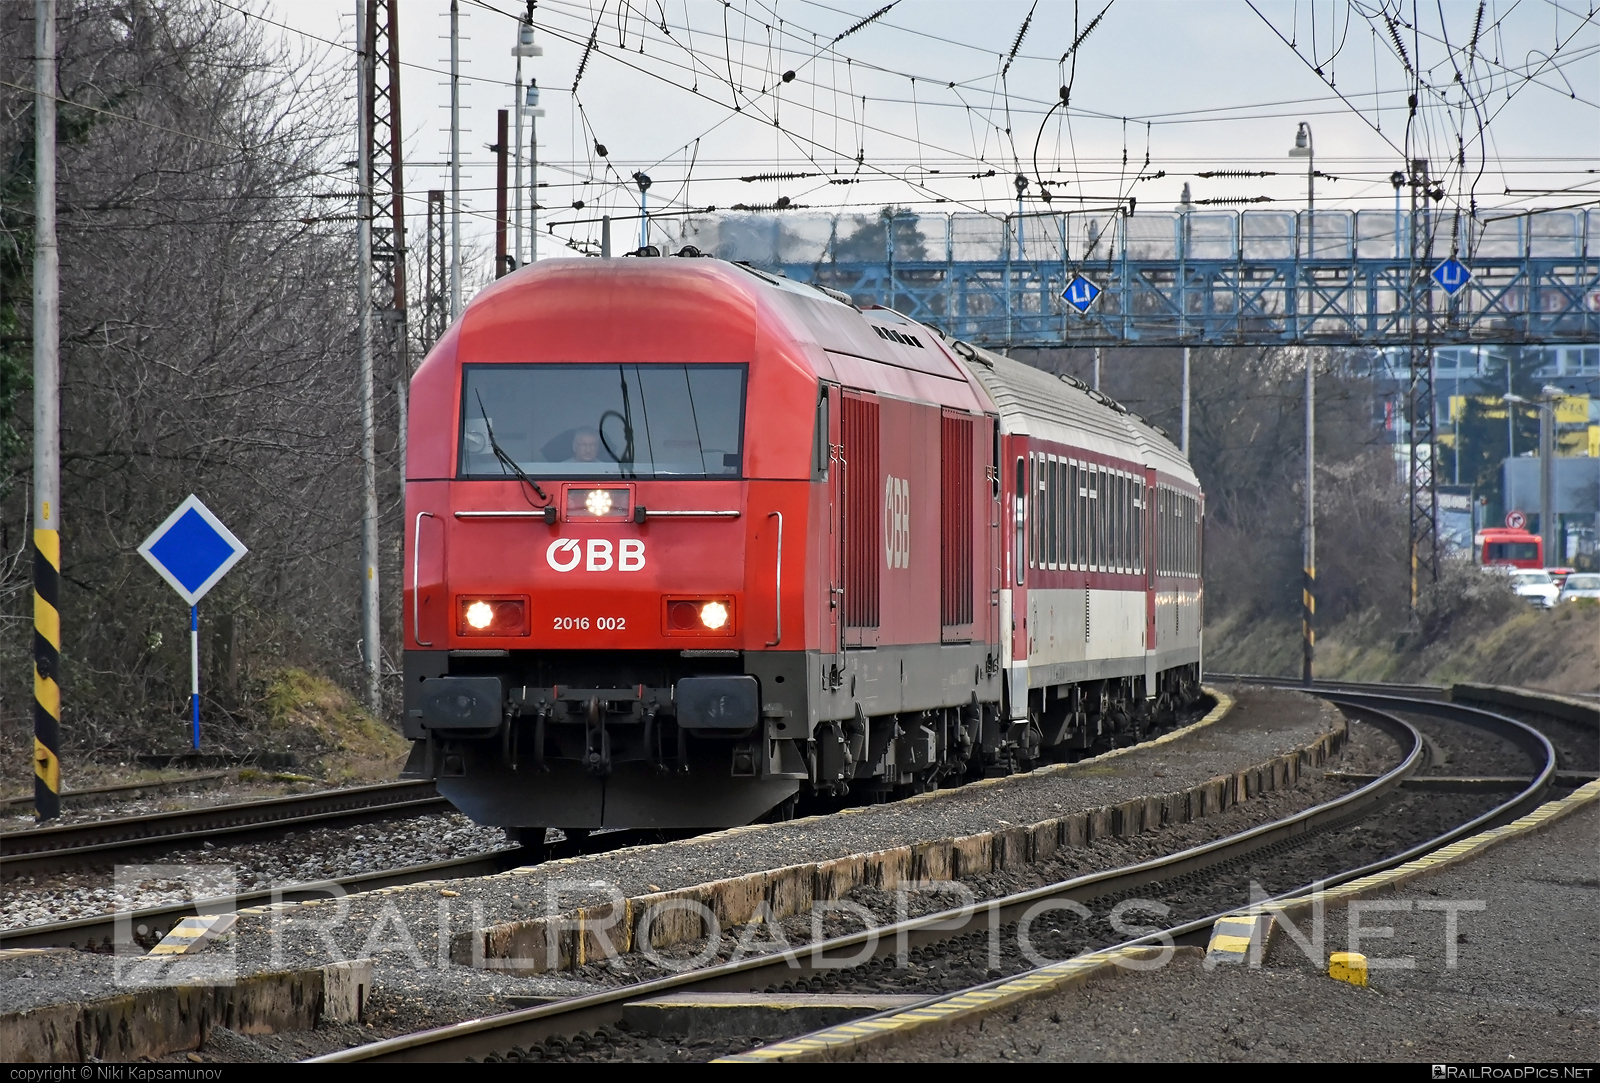 Siemens ER20 - 2016 002 operated by Österreichische Bundesbahnen #er20 #er20hercules #eurorunner #hercules #obb #osterreichischebundesbahnen #siemens #siemenser20 #siemenser20hercules #siemenseurorunner #siemenshercules